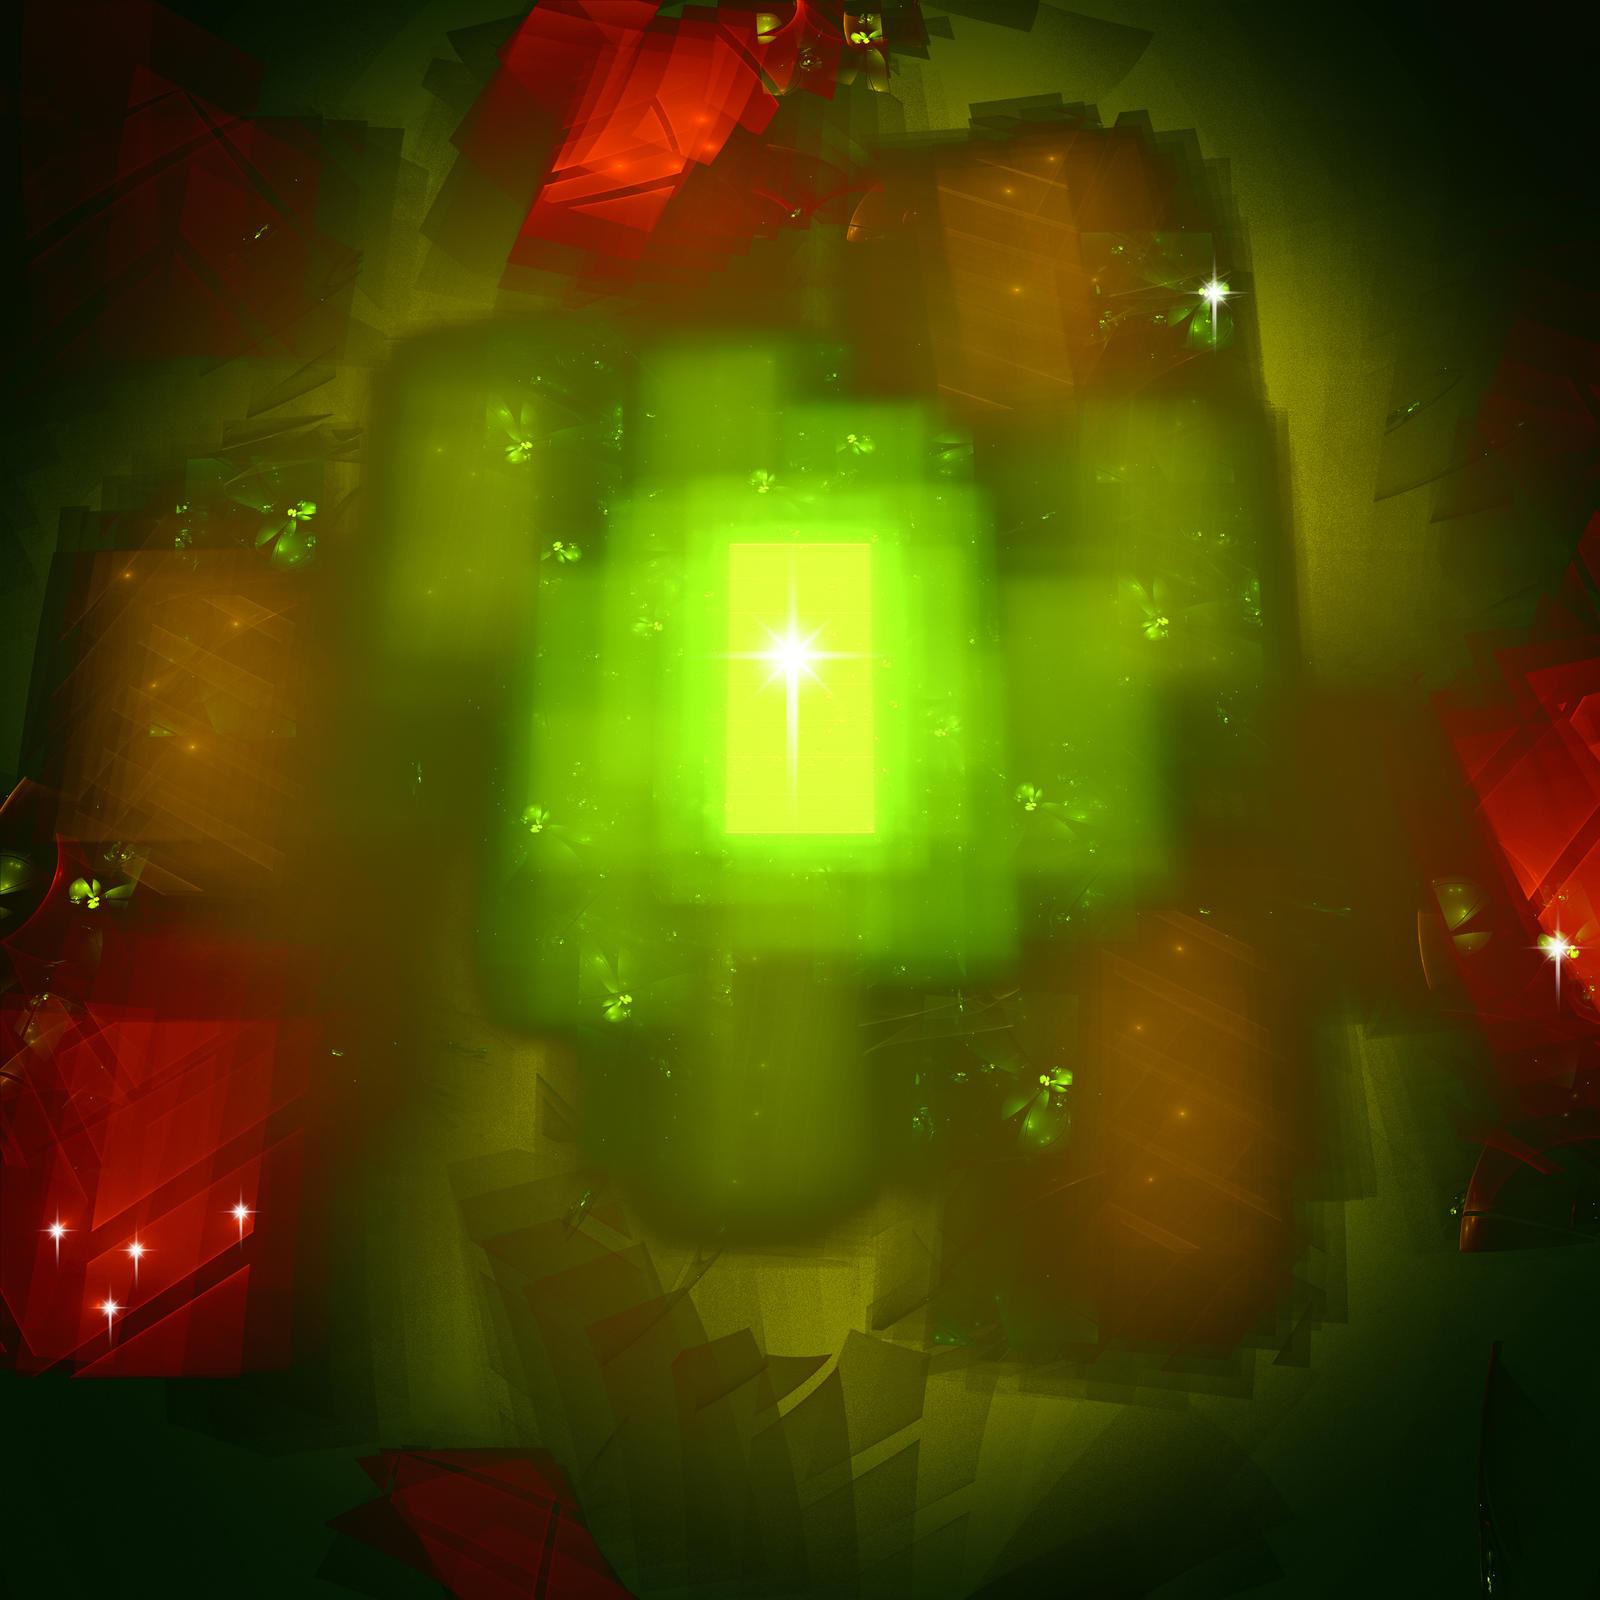 Gummy Fractal by Lion6255